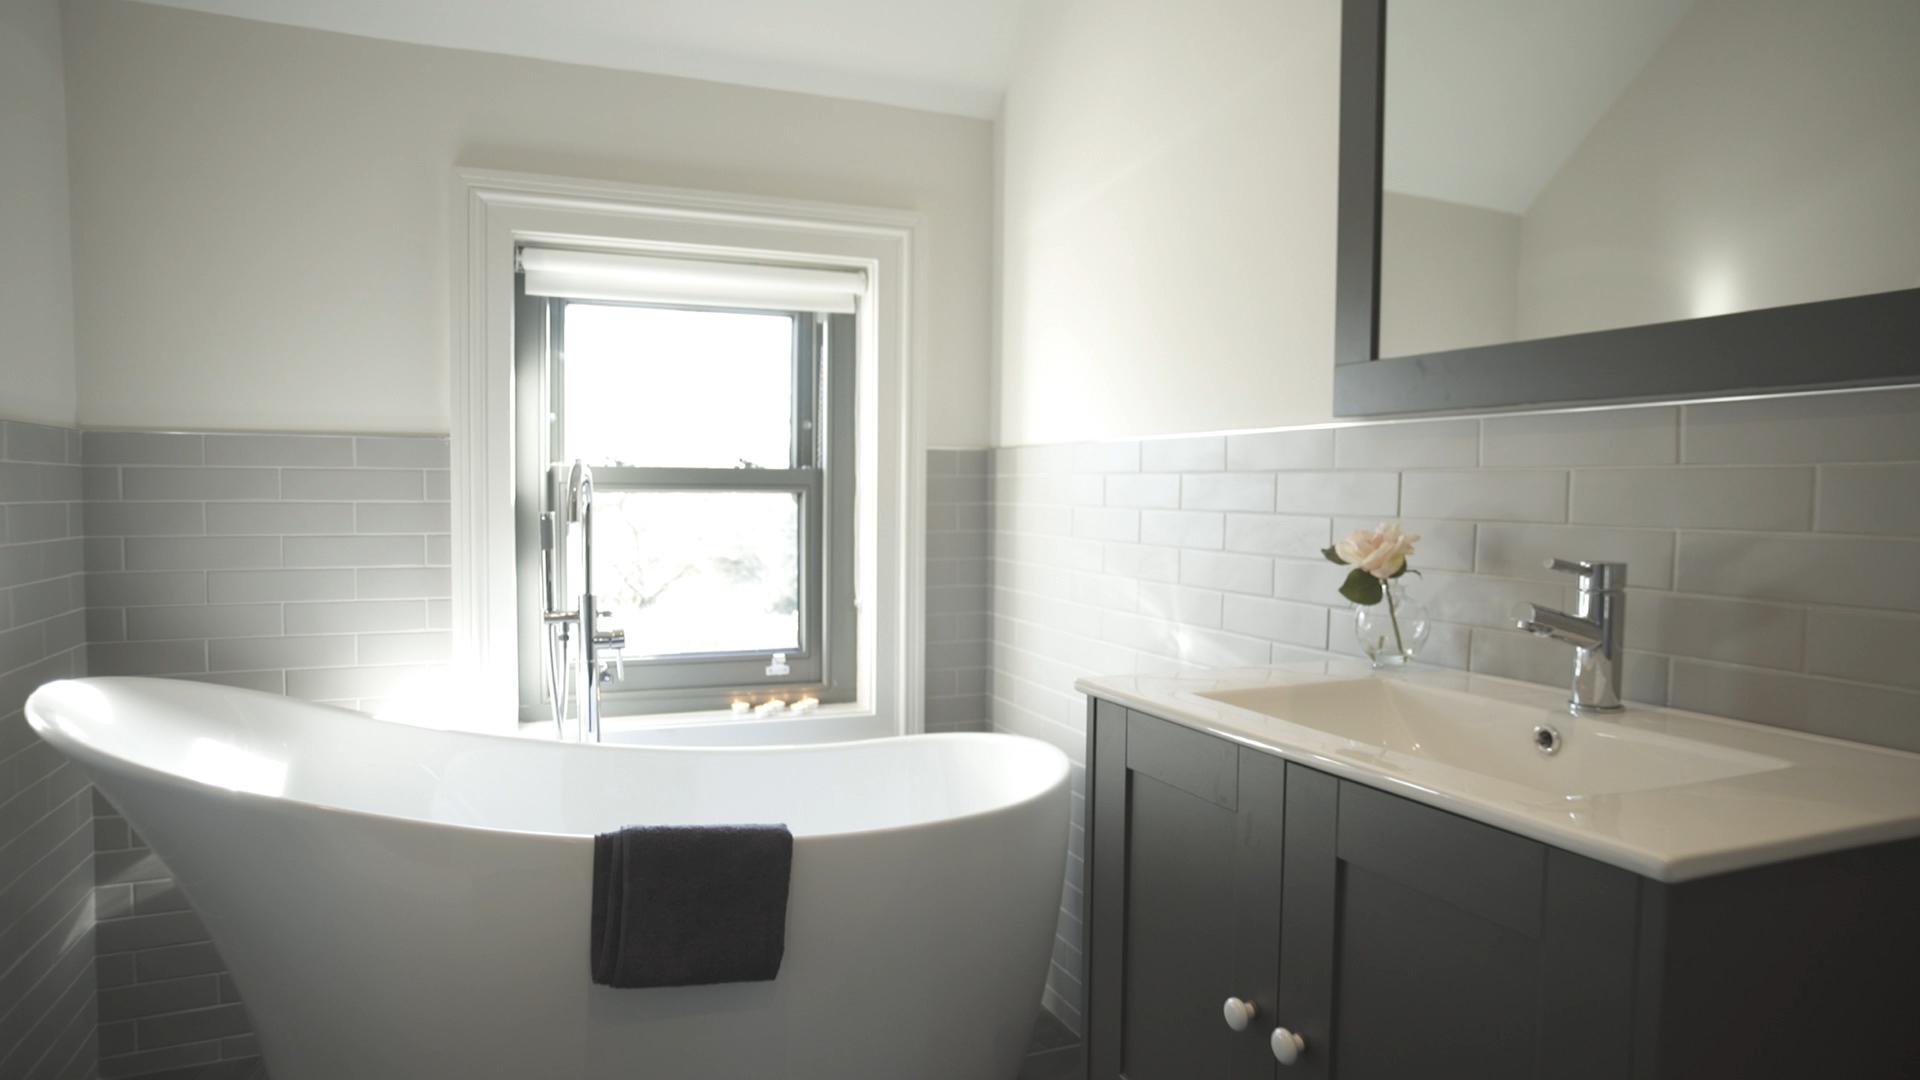 TX5 RTI10 Kildalkey AFTER Bathroom .jpg